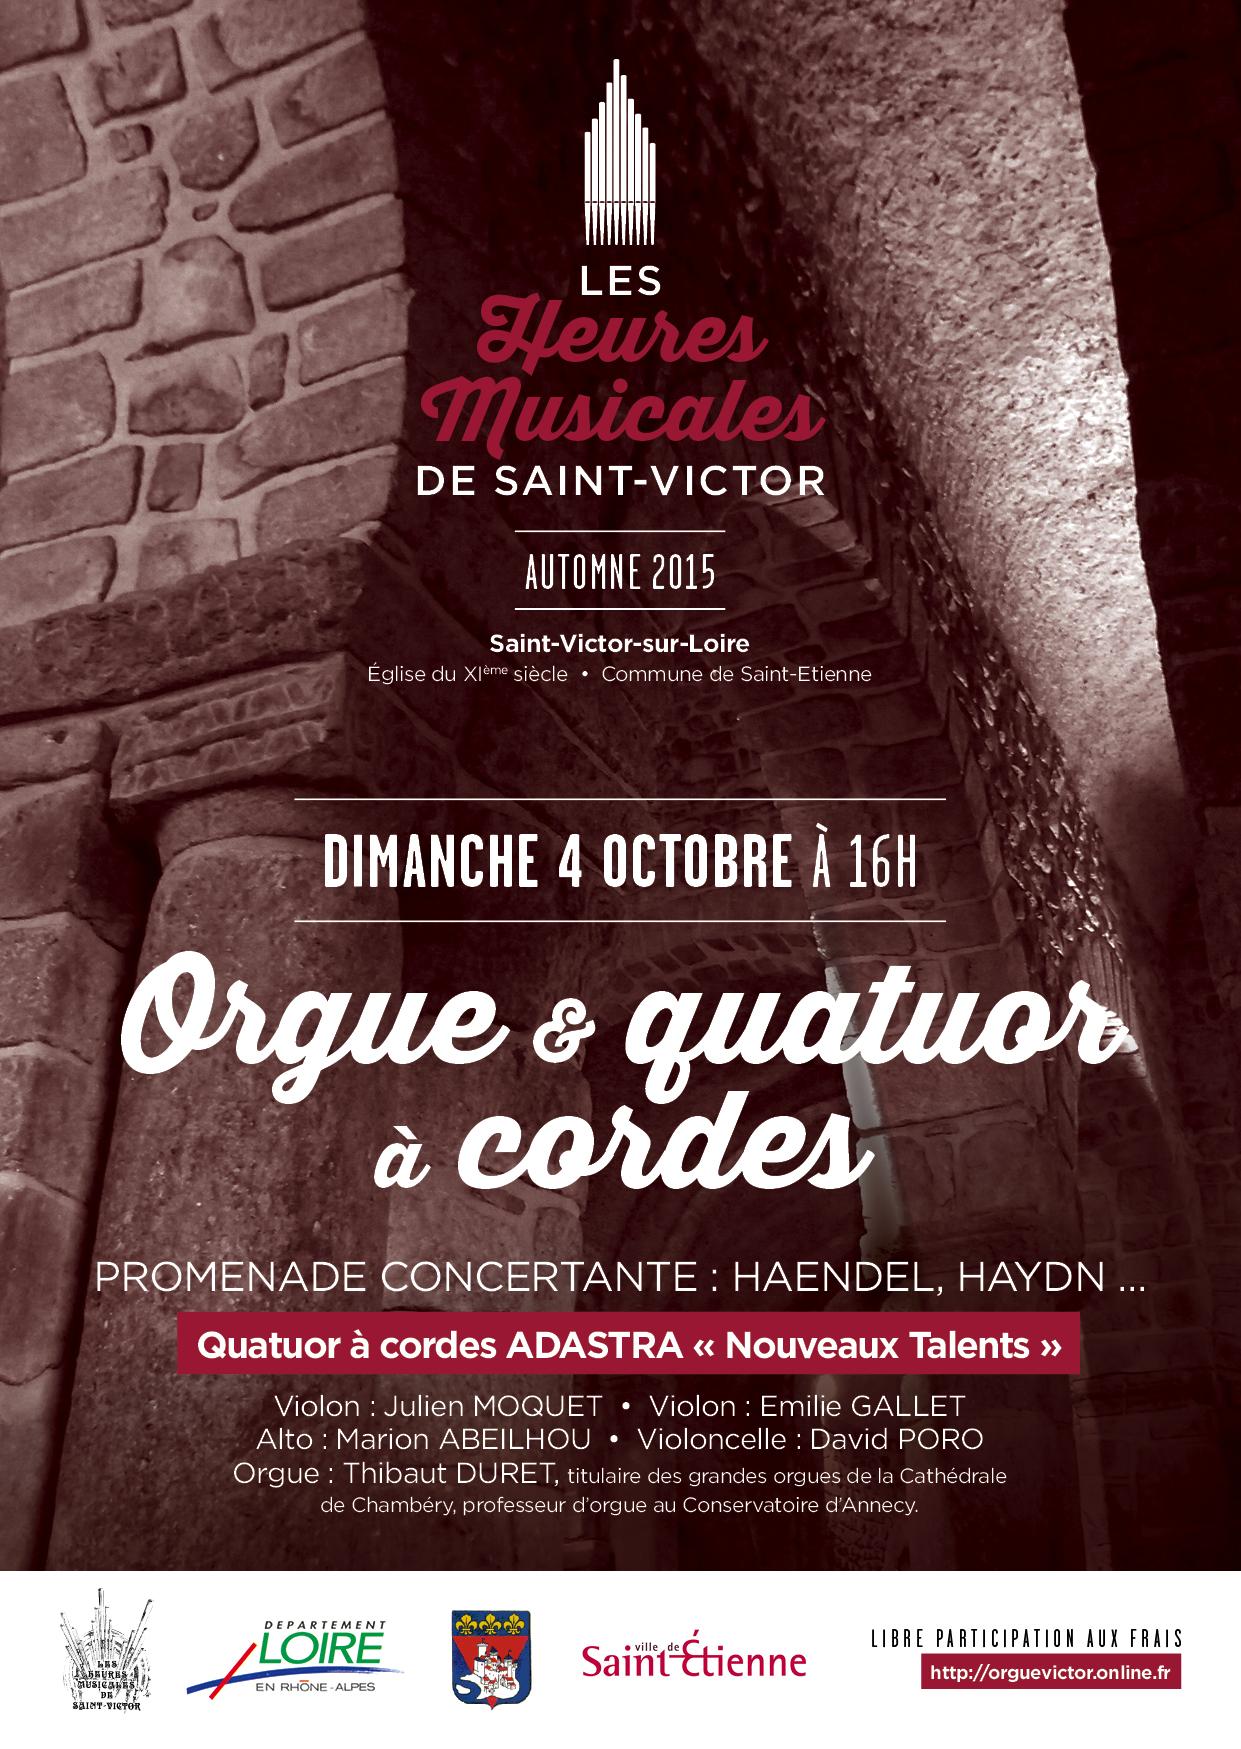 Saint-Victor-sur-Loire 2015